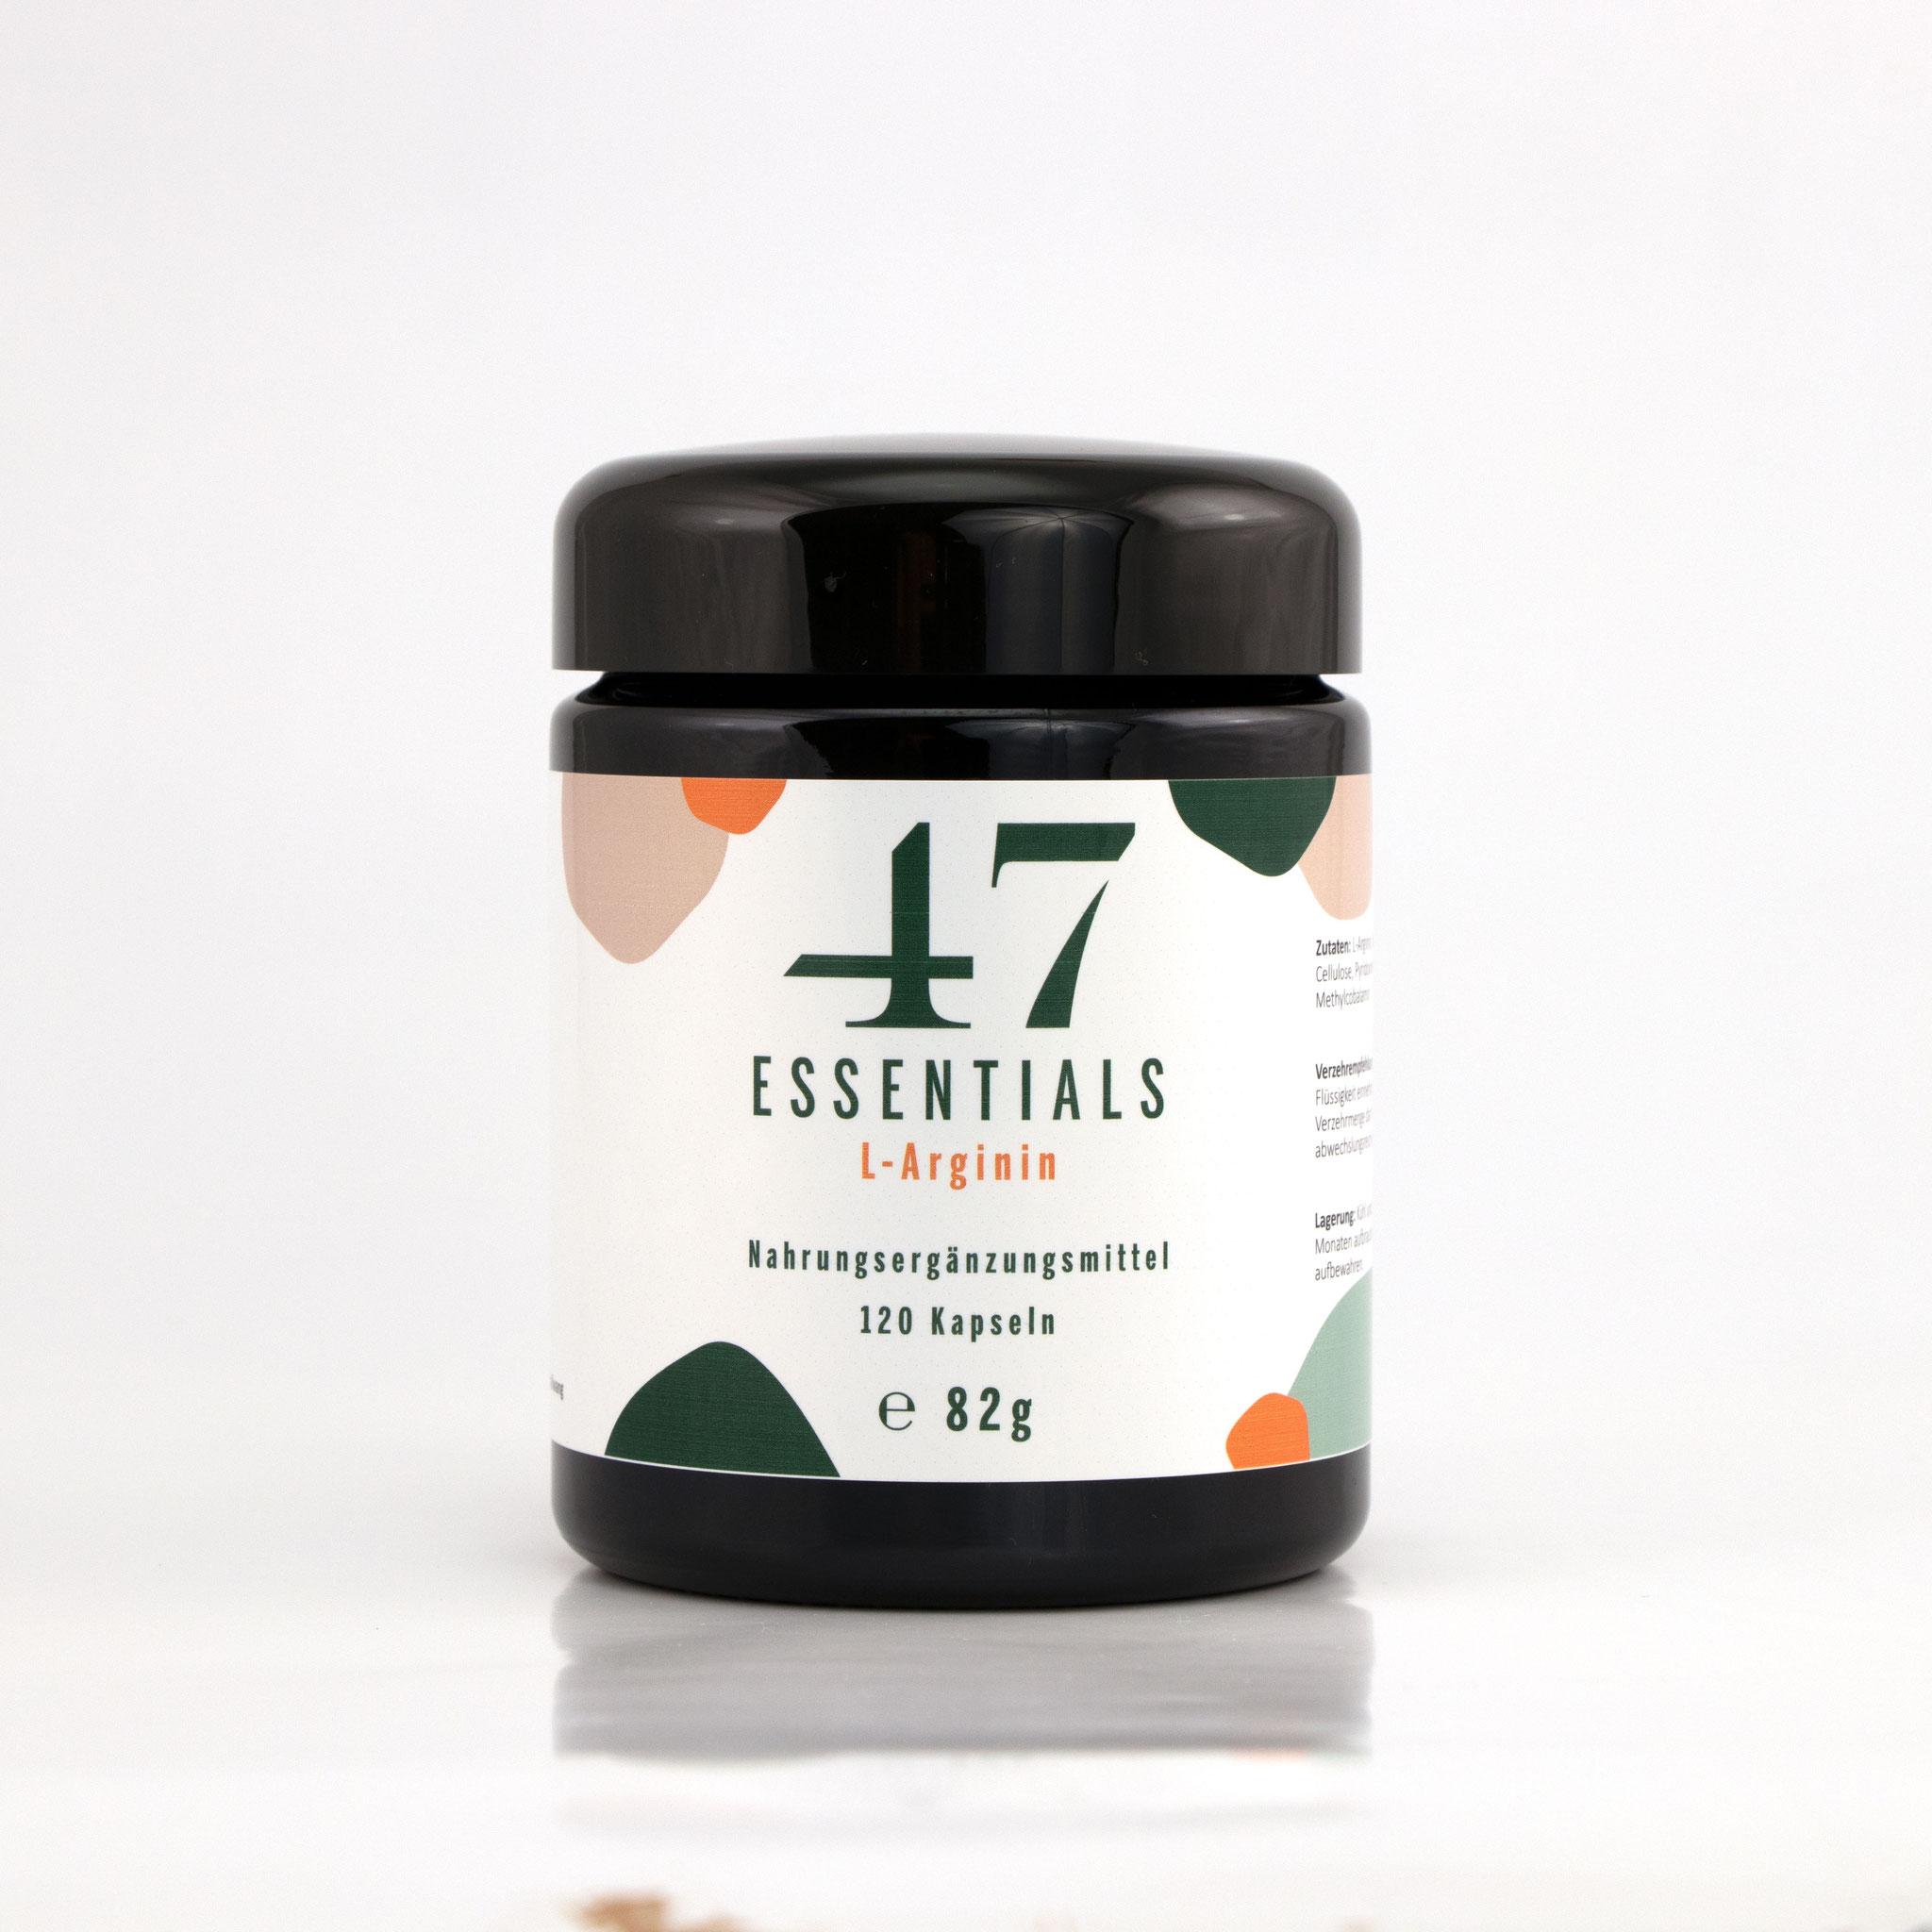 L Arginin 120 Kapseln (Eine Frage der Lust)     € 26,00           Klicken Sie hier um mehr über das Produkt zu erfahren